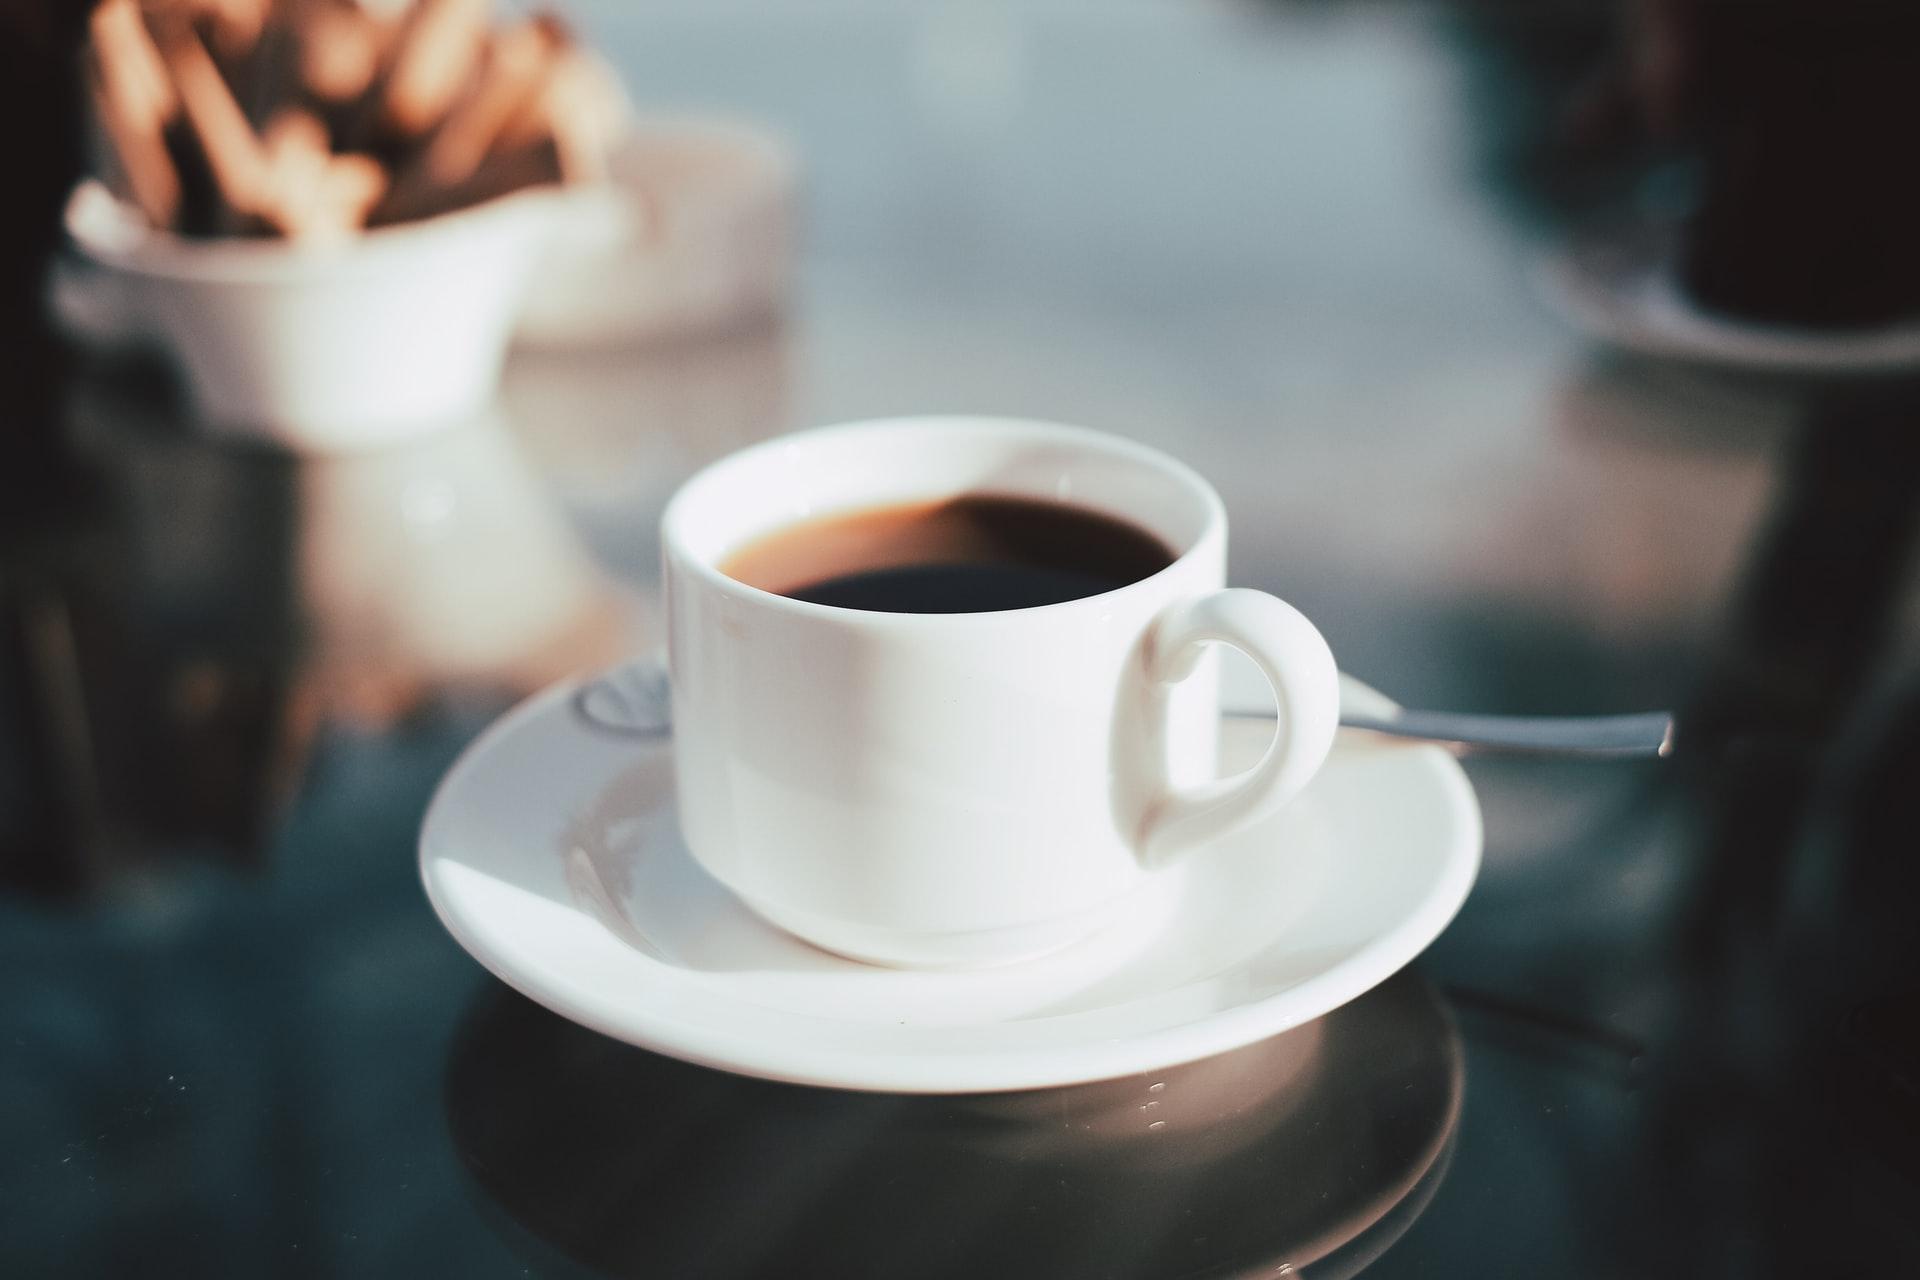 Il caffè non fa battere il cuore (in senso negativo). Lo studio